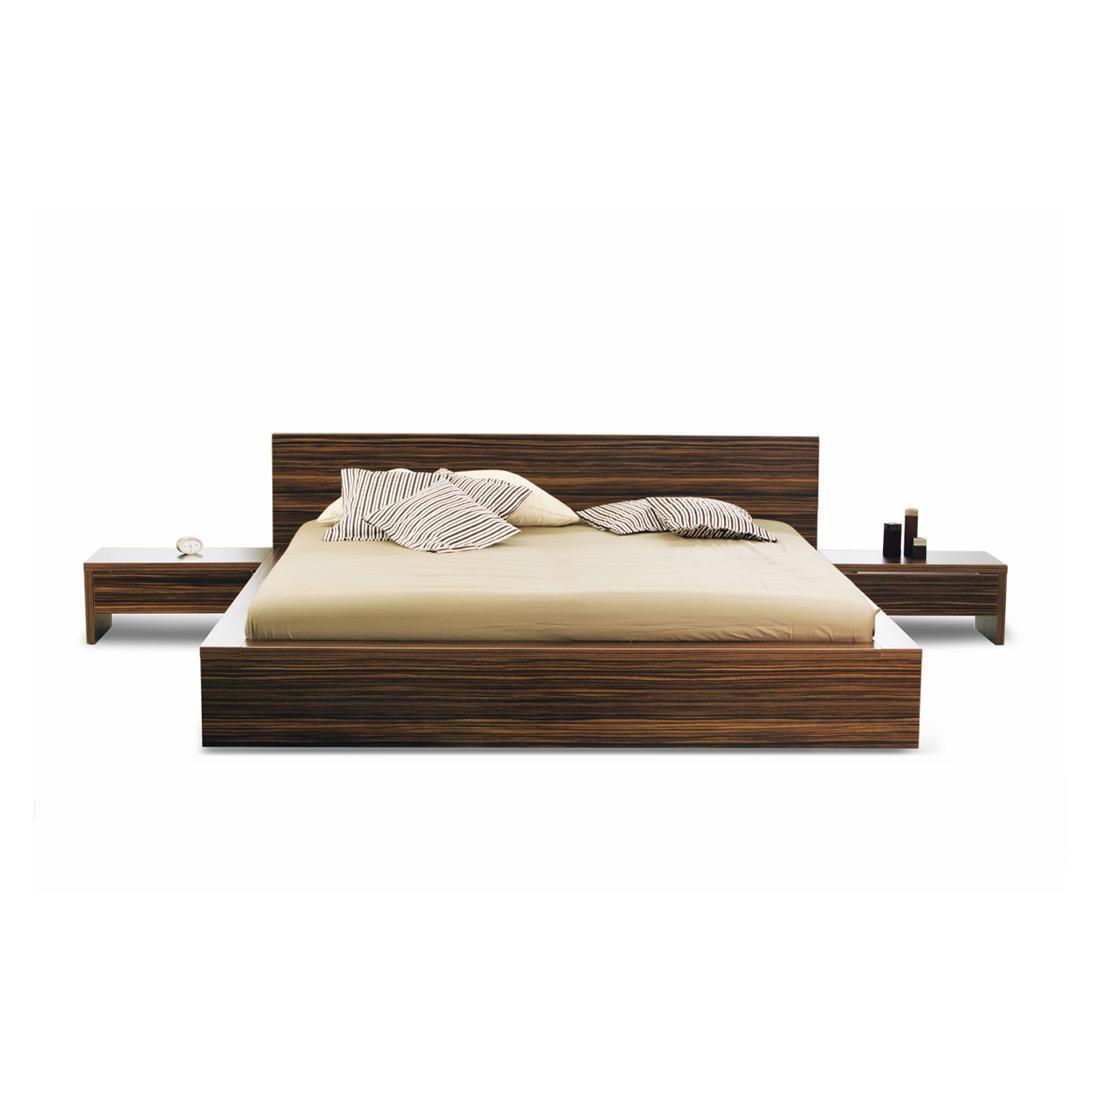 Dark Wood Bed 50lbs (BEDS)